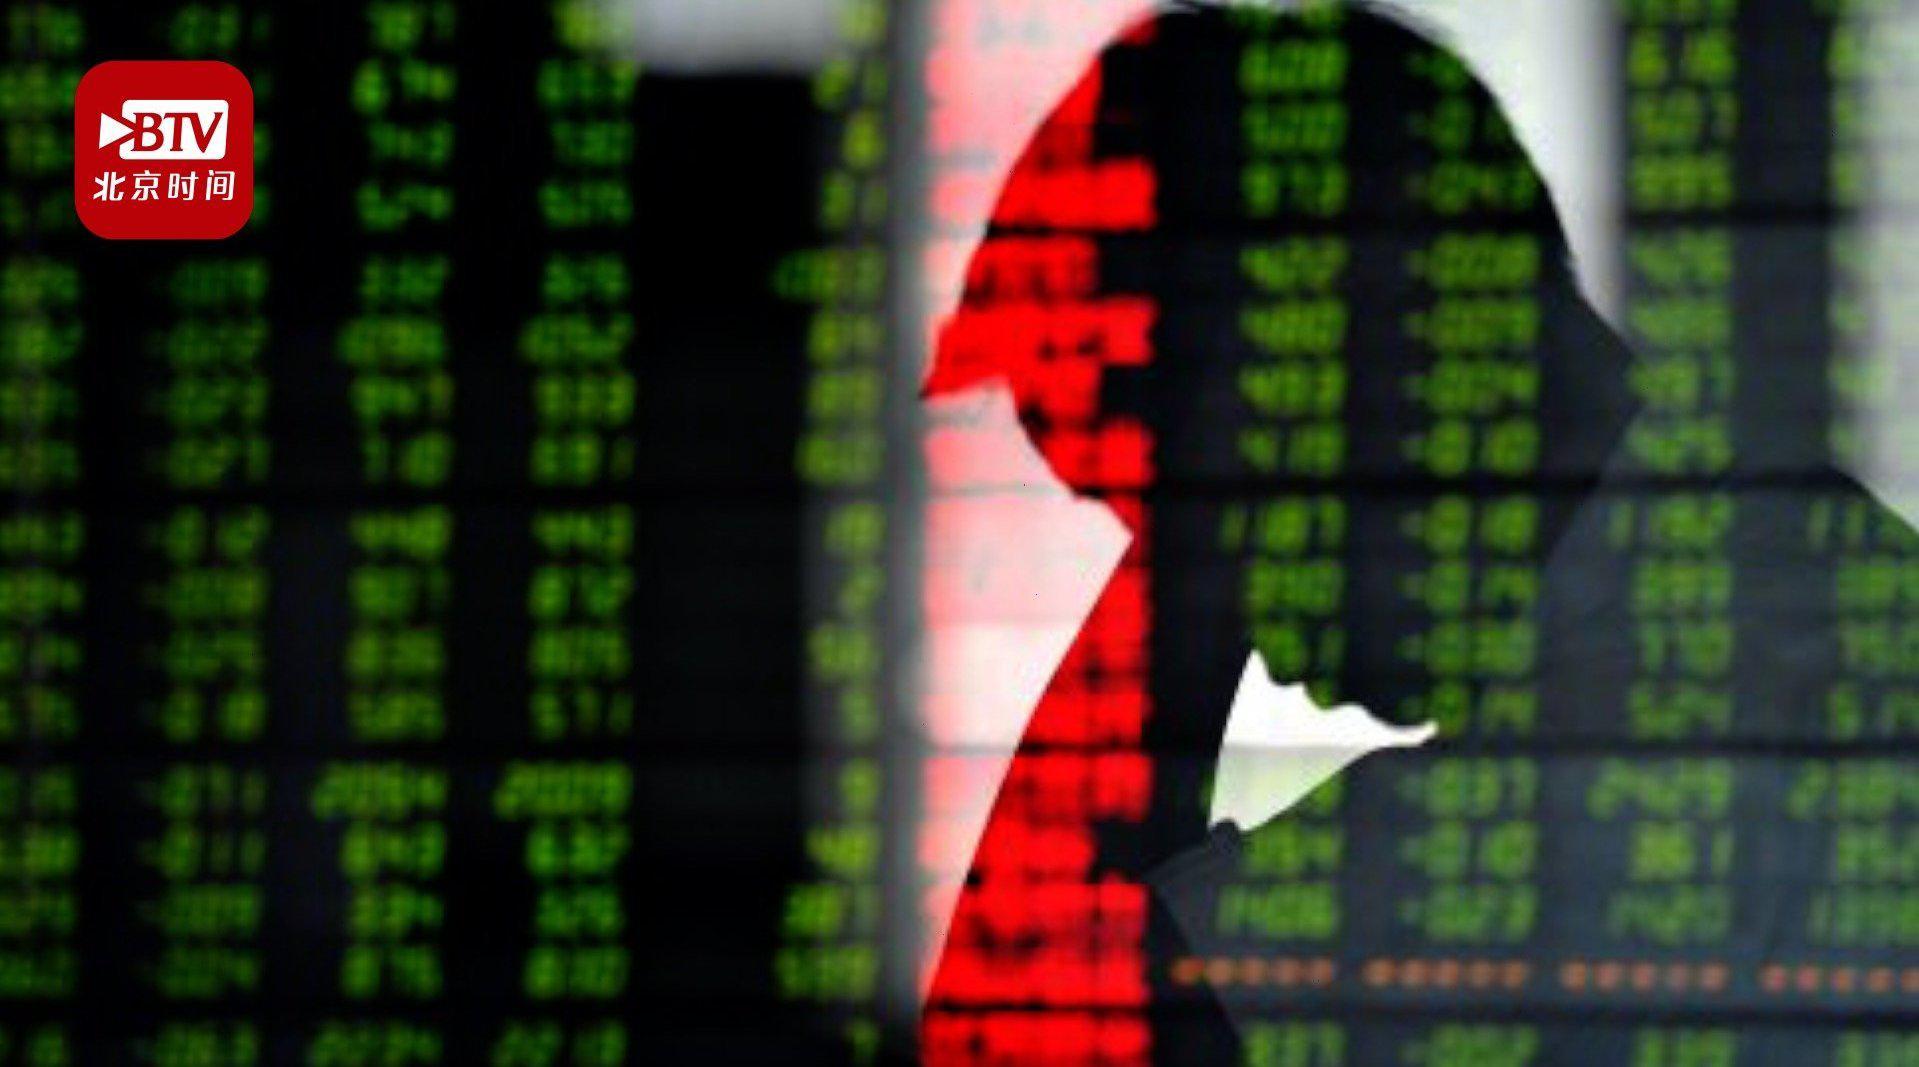 三大指数杀跌 两市逾200股跌停 白酒板块整体跌幅超9%